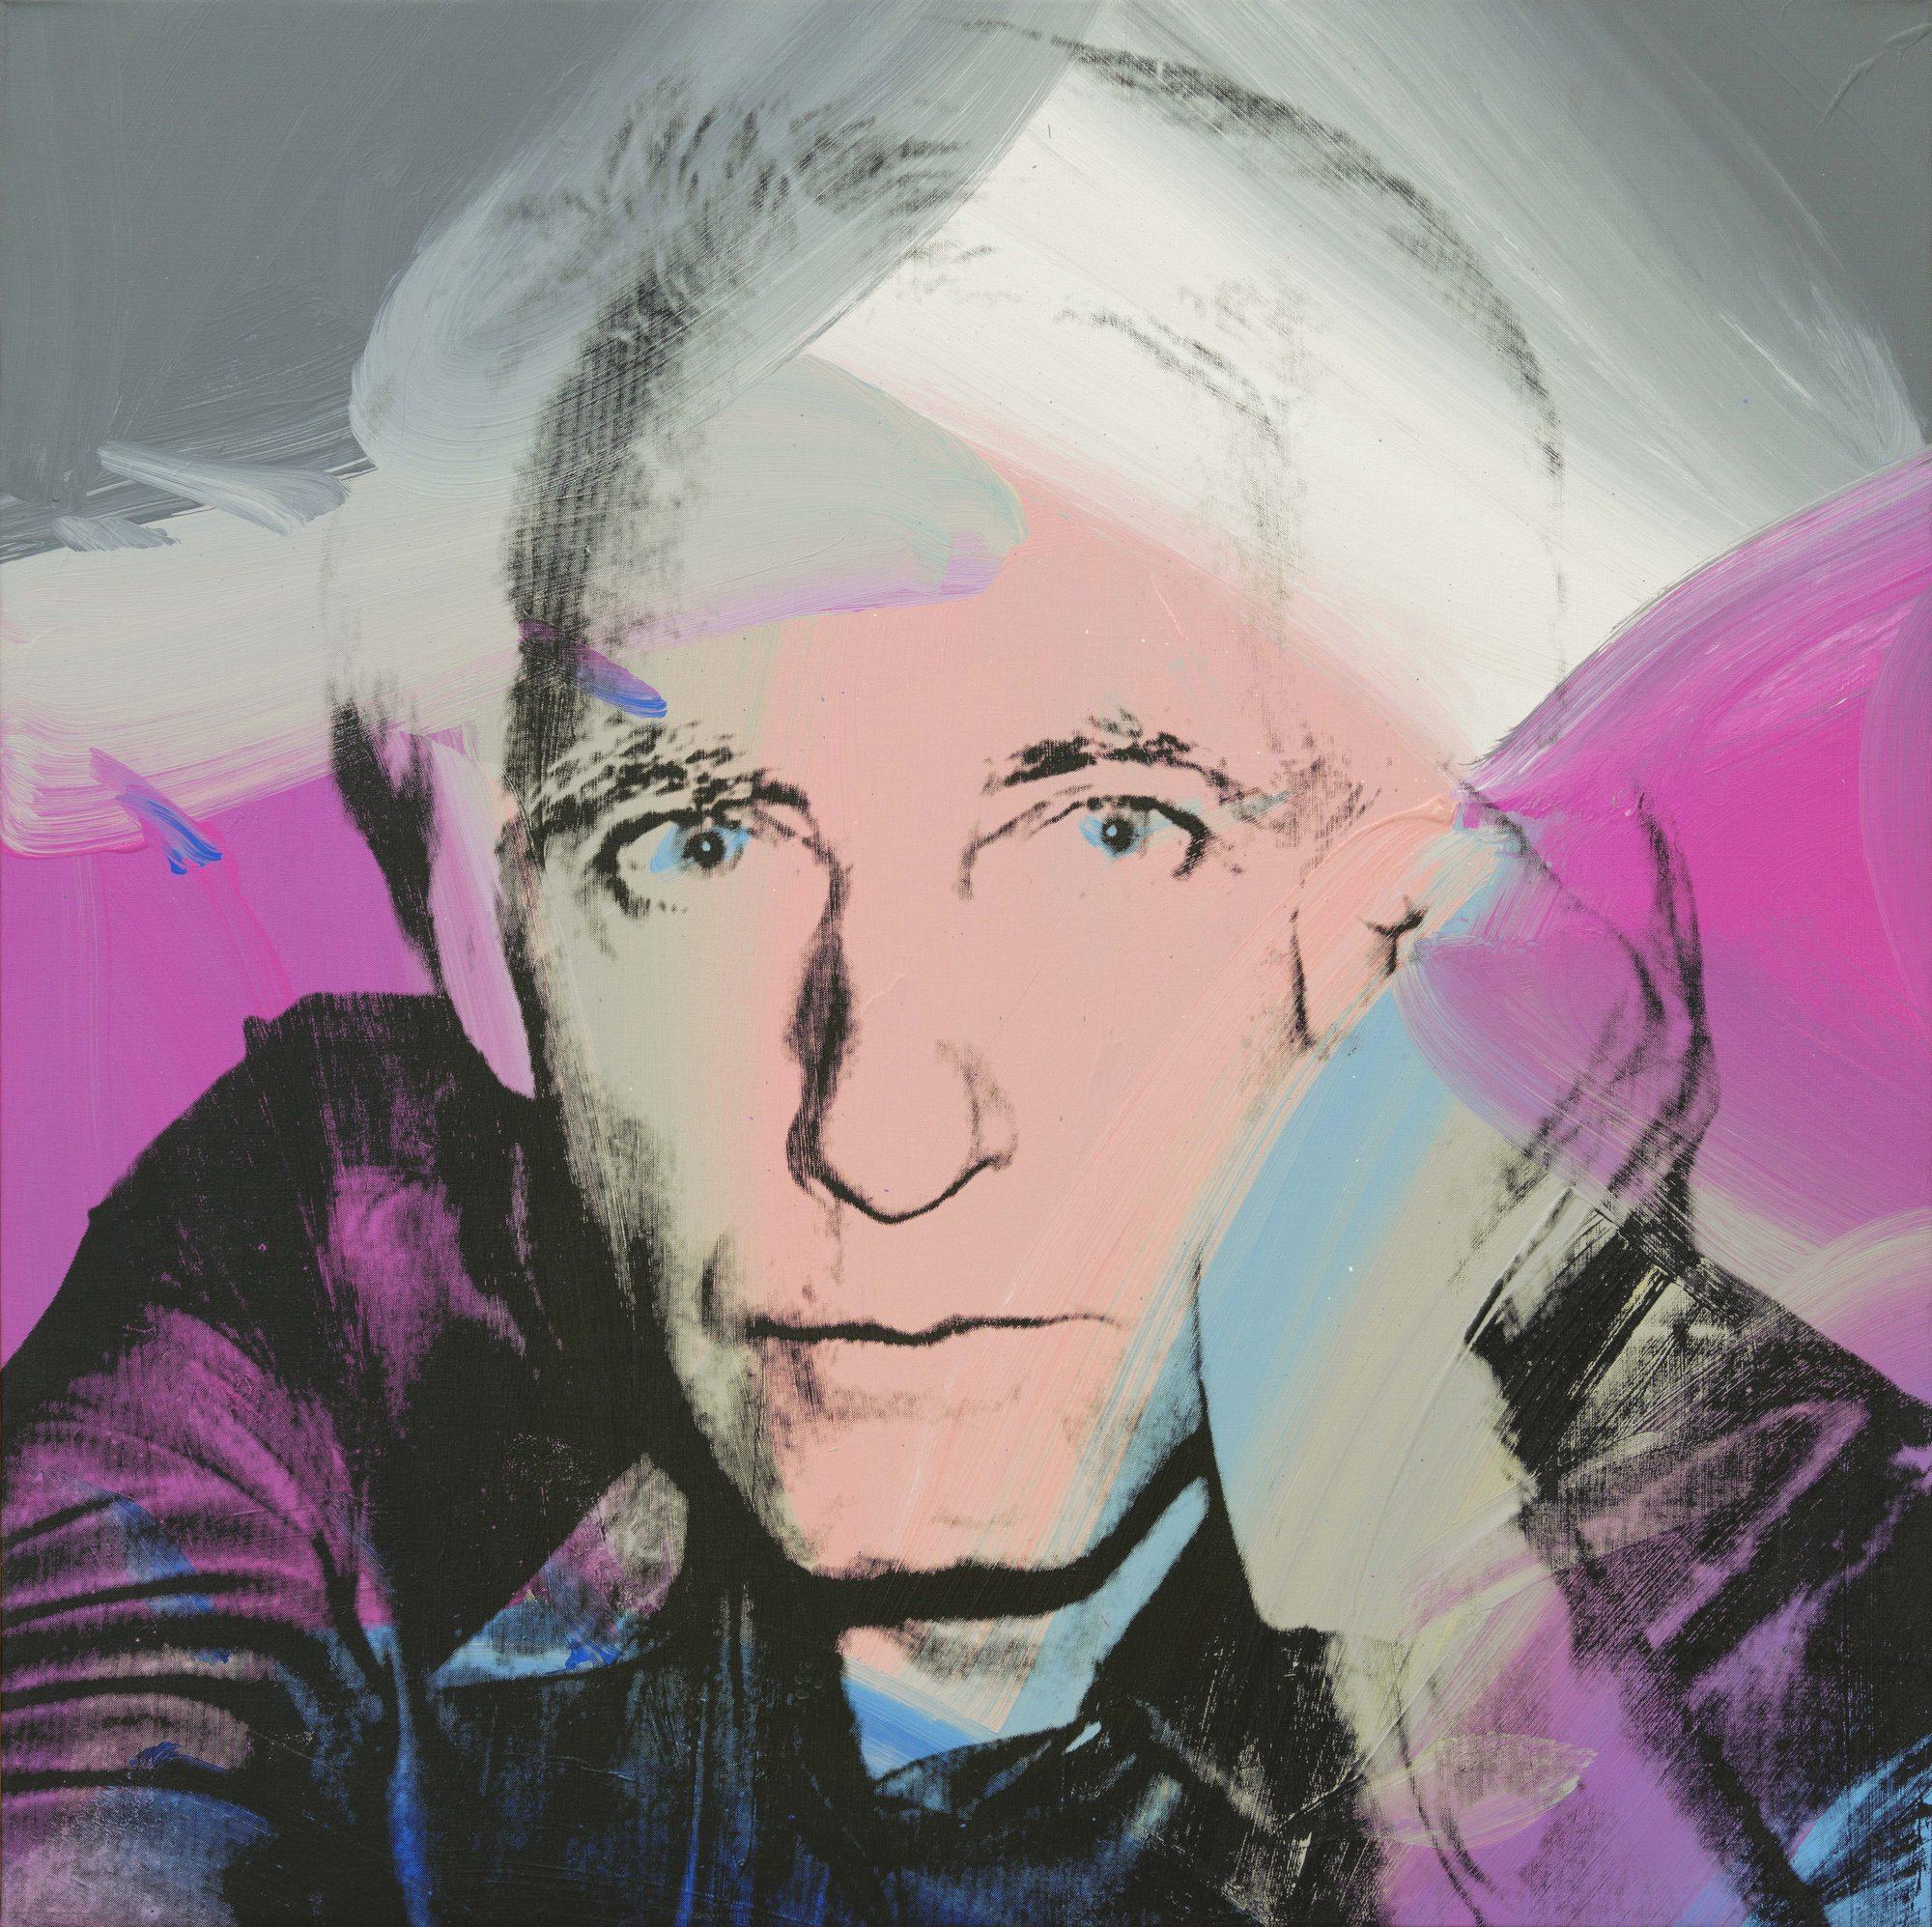 """Andy Warhol, """"Erich Marx"""", 1978, © 2016 The Andy Warhol Foundation for the Visual Arts, Inc. / Artists Rights Society (ARS), New York, © bpk/Nationalgalerie im Hamburger Bahnhof, SMB, Sammlung Marx. Zdjęcie: Jens Ziehe (źródło: materiały prasowe organizatora wystawy)"""